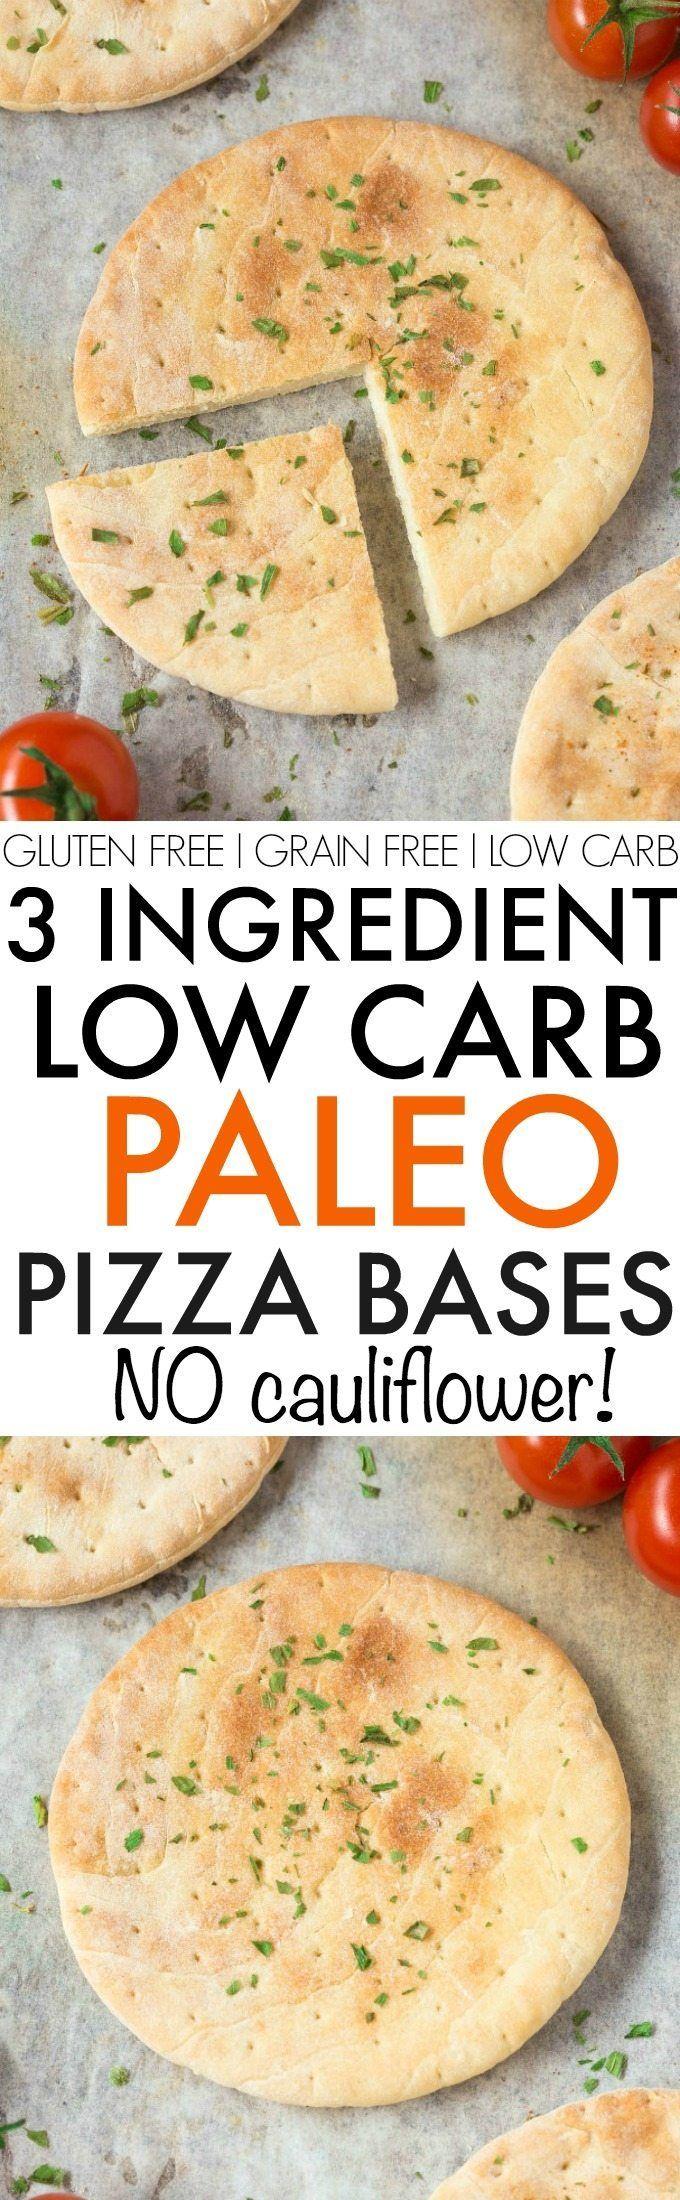 3 Ingredientes Paleo Pizza Bases and Crusts - Rápido, fácil de baixo teor de carboidratos e baixas calorias, NO Couve-flor e NO forno necessário - Eles são feitos de fogão e congelador amigável!  {Sem grãos, paleo, sem glúten} - thebigmansworld.com